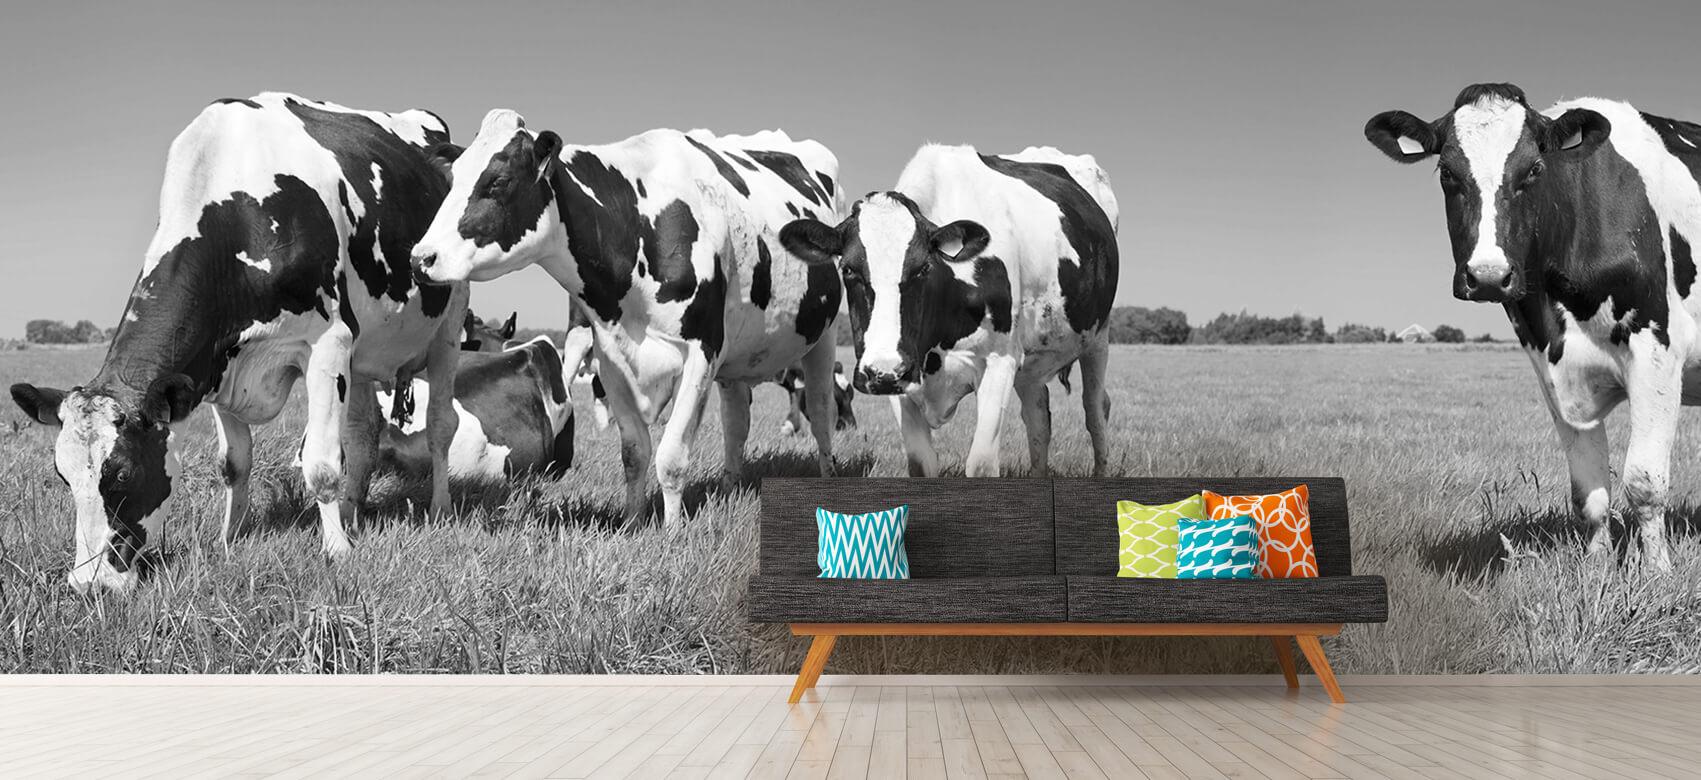 Dieren Fotobehang koeien 13